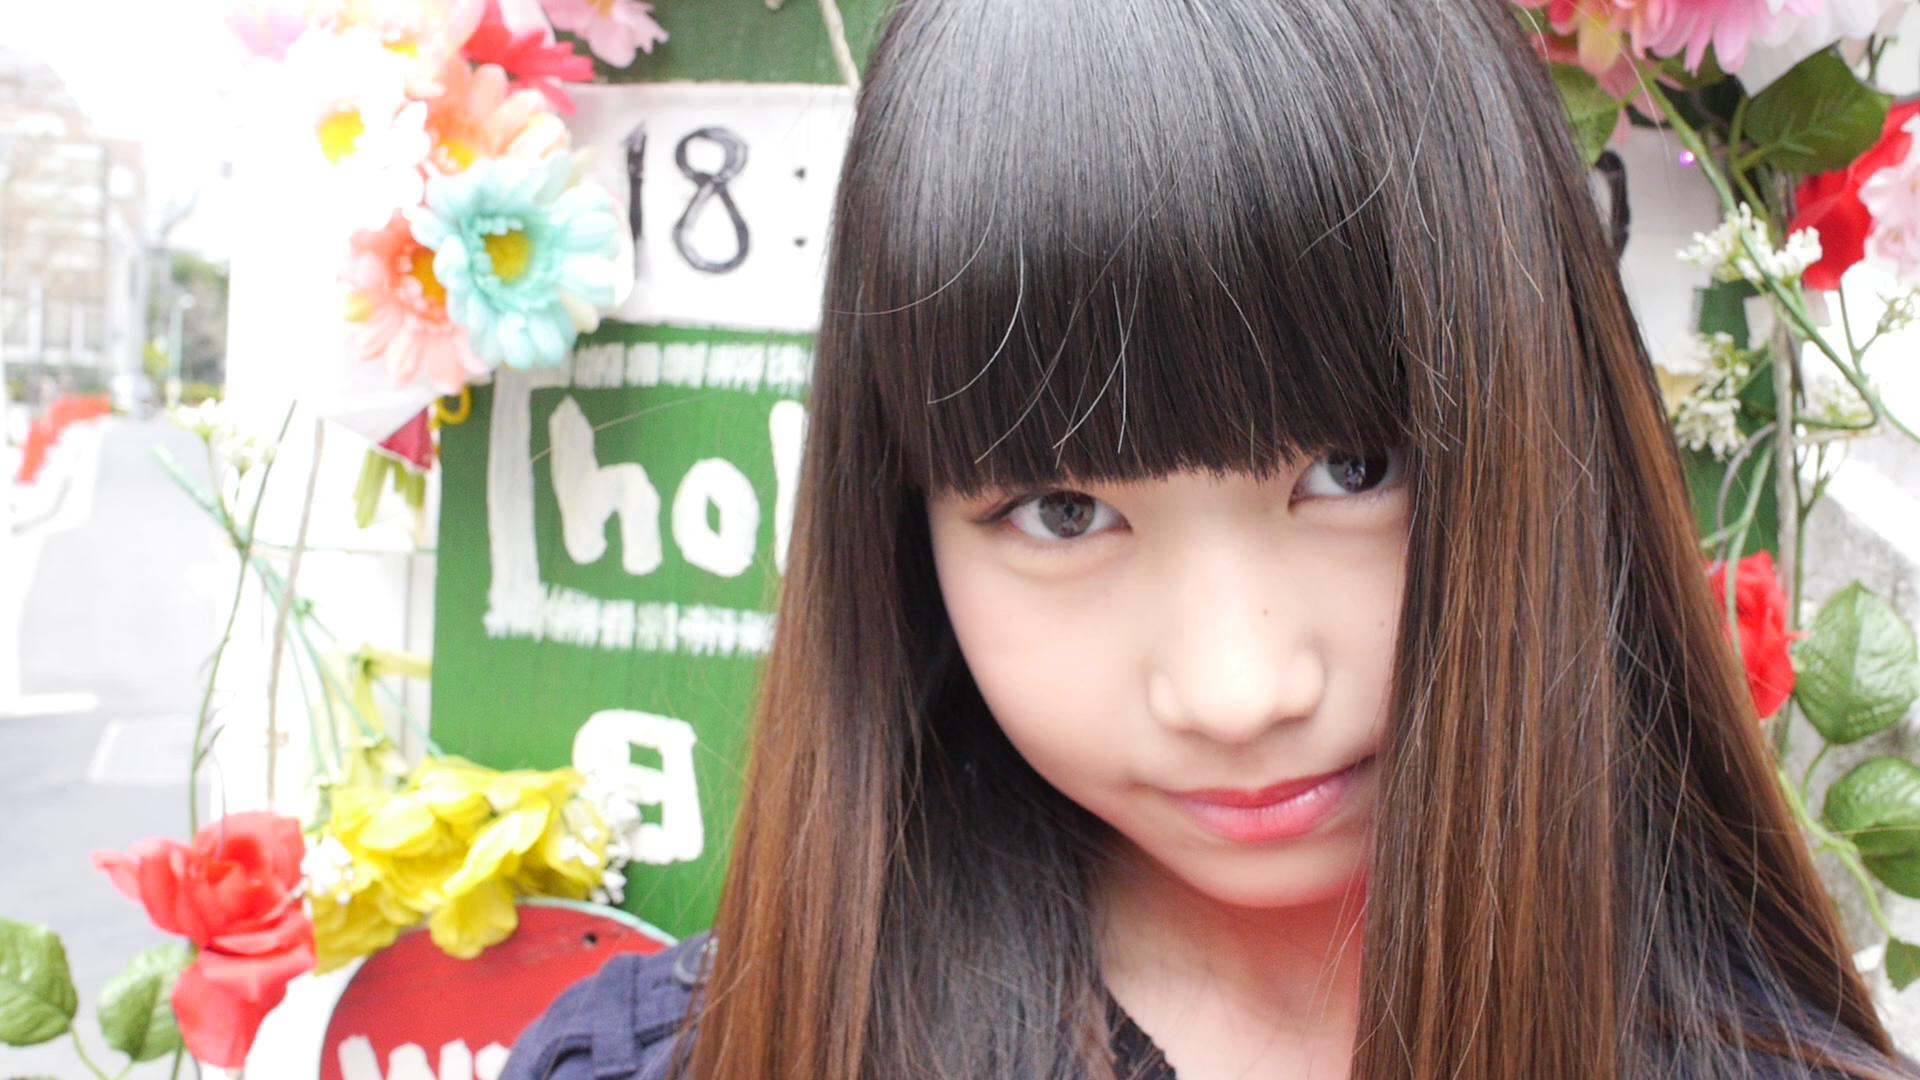 愛乃きらら Part1 [転載禁止]©2ch.netYouTube動画>9本 ->画像>349枚